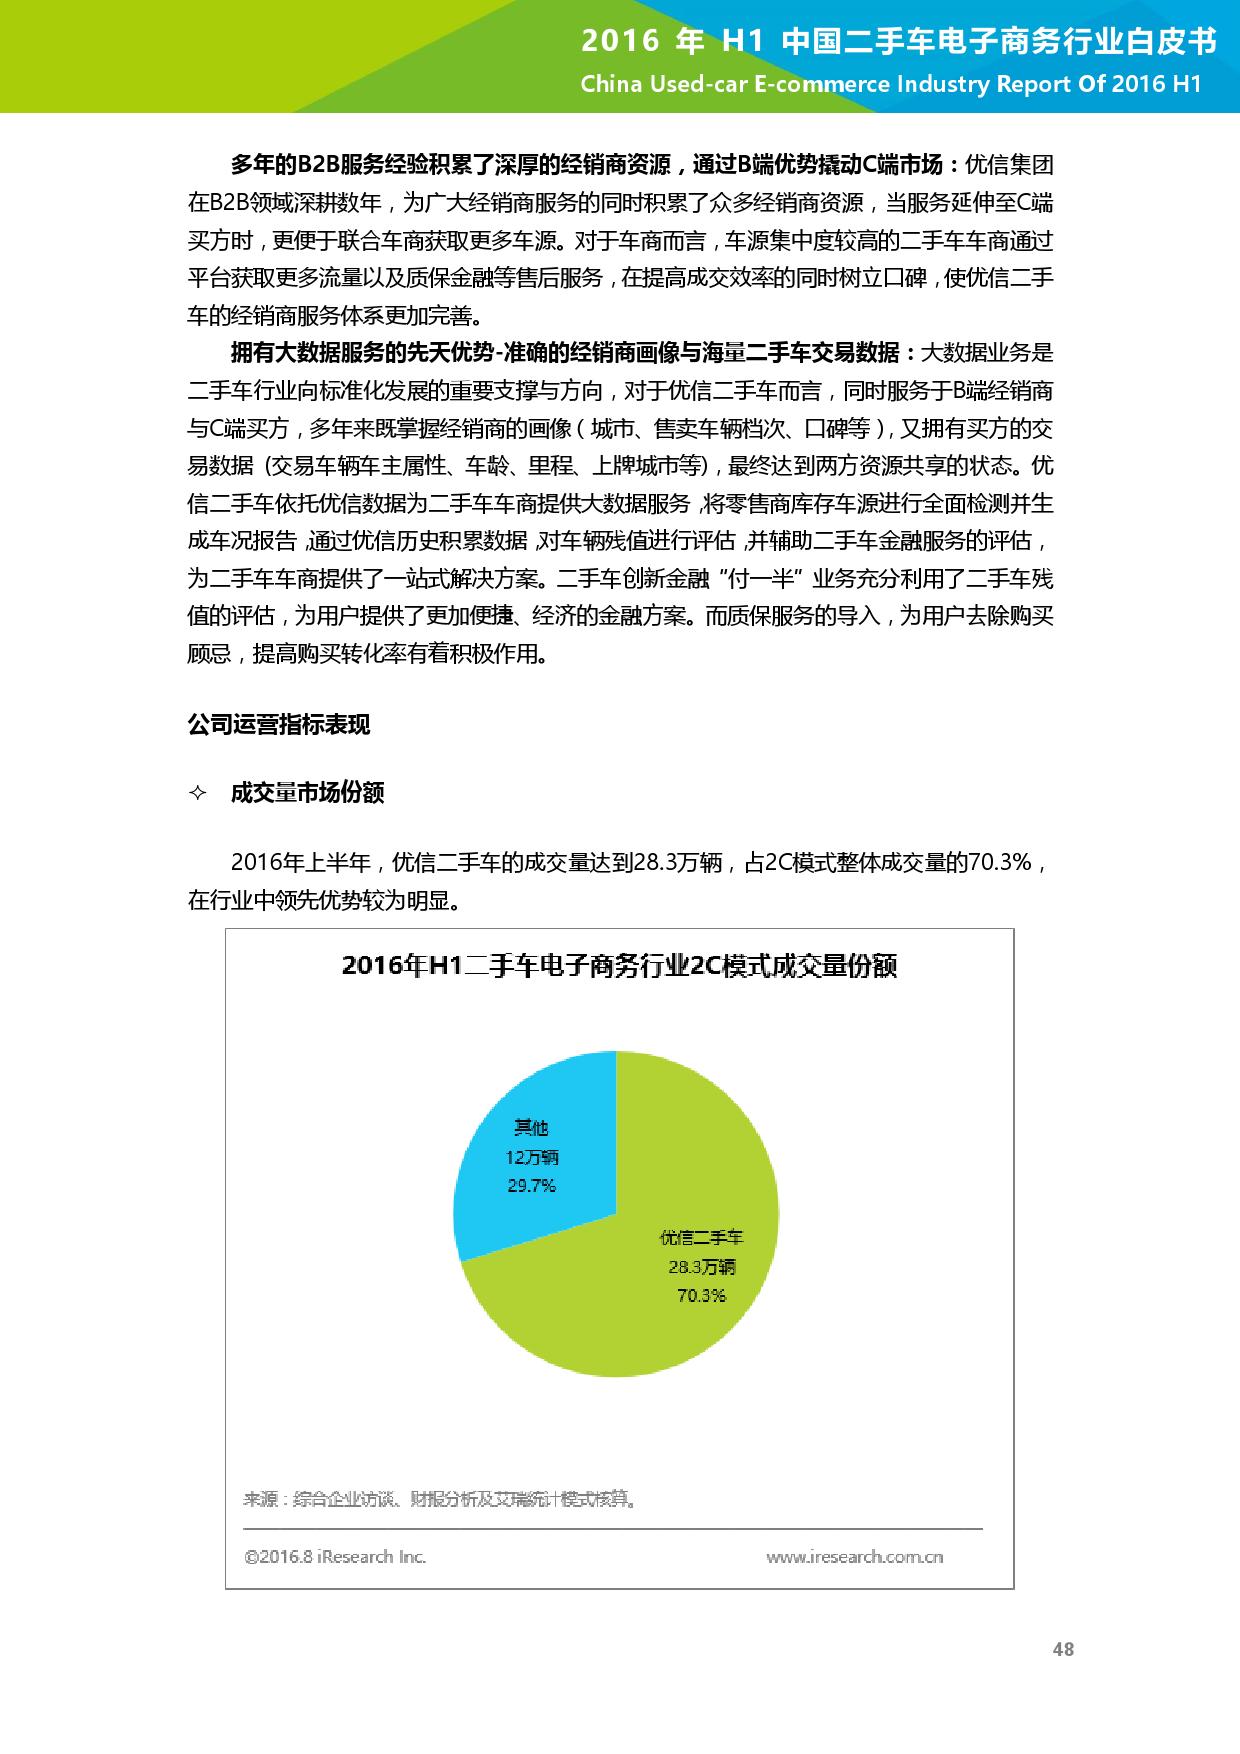 2016年H1中国二手车电子商务行业白皮书_000049